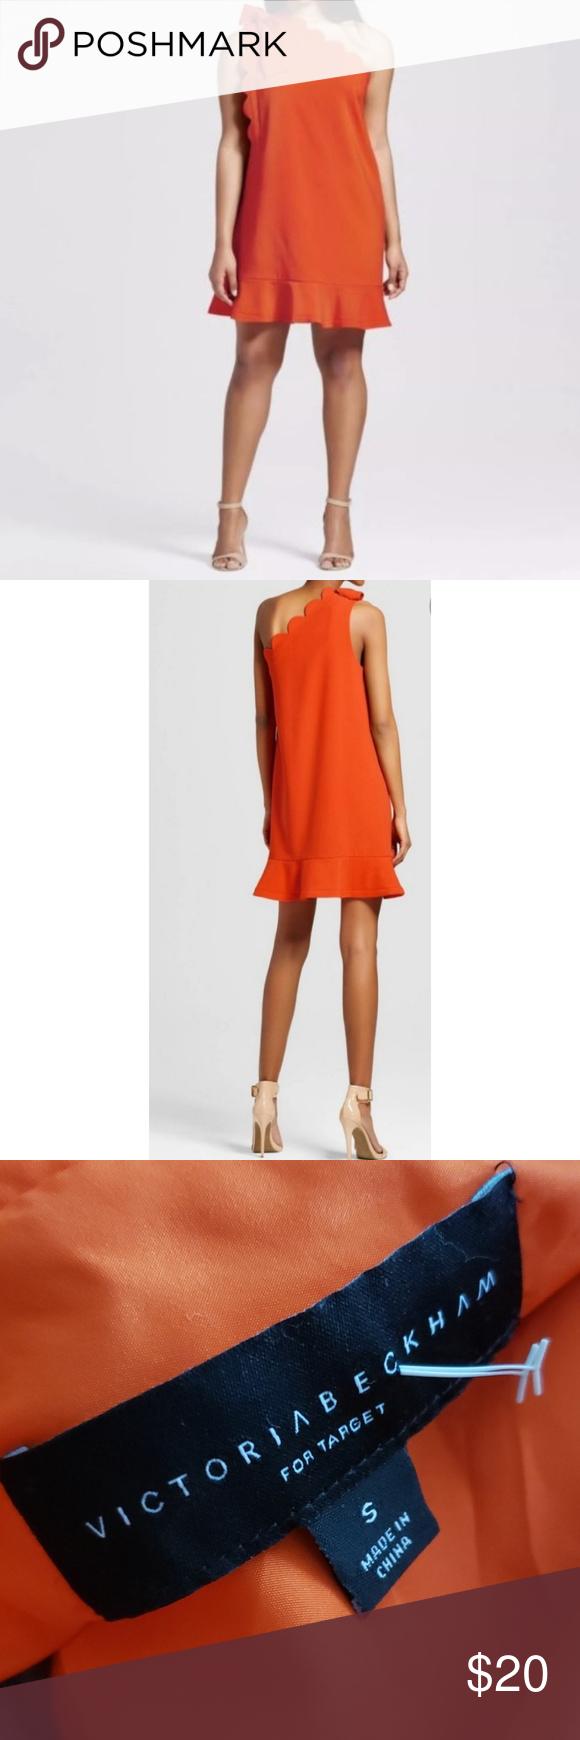 3 For 20 Victoria Beckham For Target Orange Dress Victoria Beckham Target Victoria Beckham Target Dresses [ 1740 x 580 Pixel ]